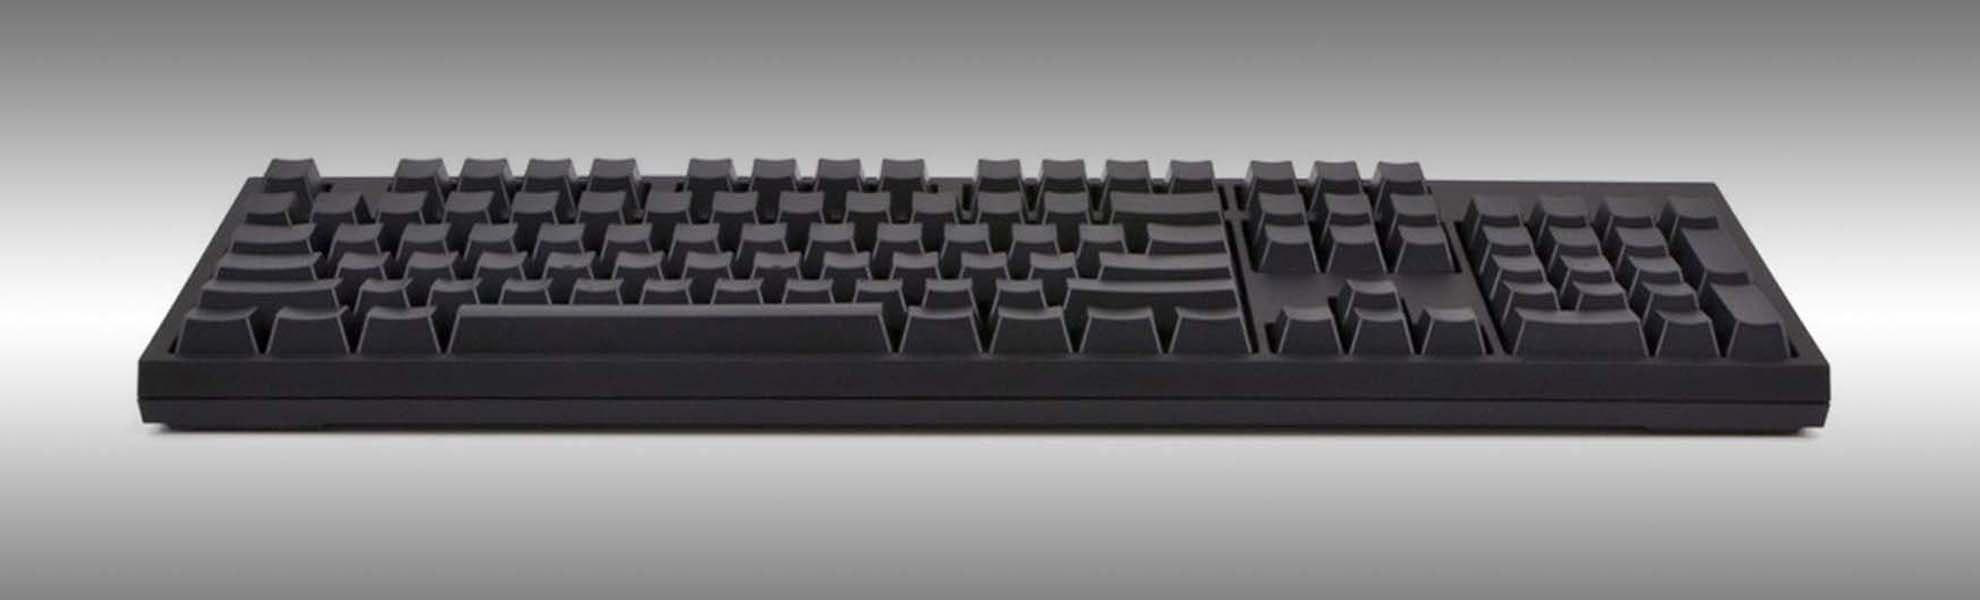 WASD V2 Full Size Keyboard (ISO/ANSI)